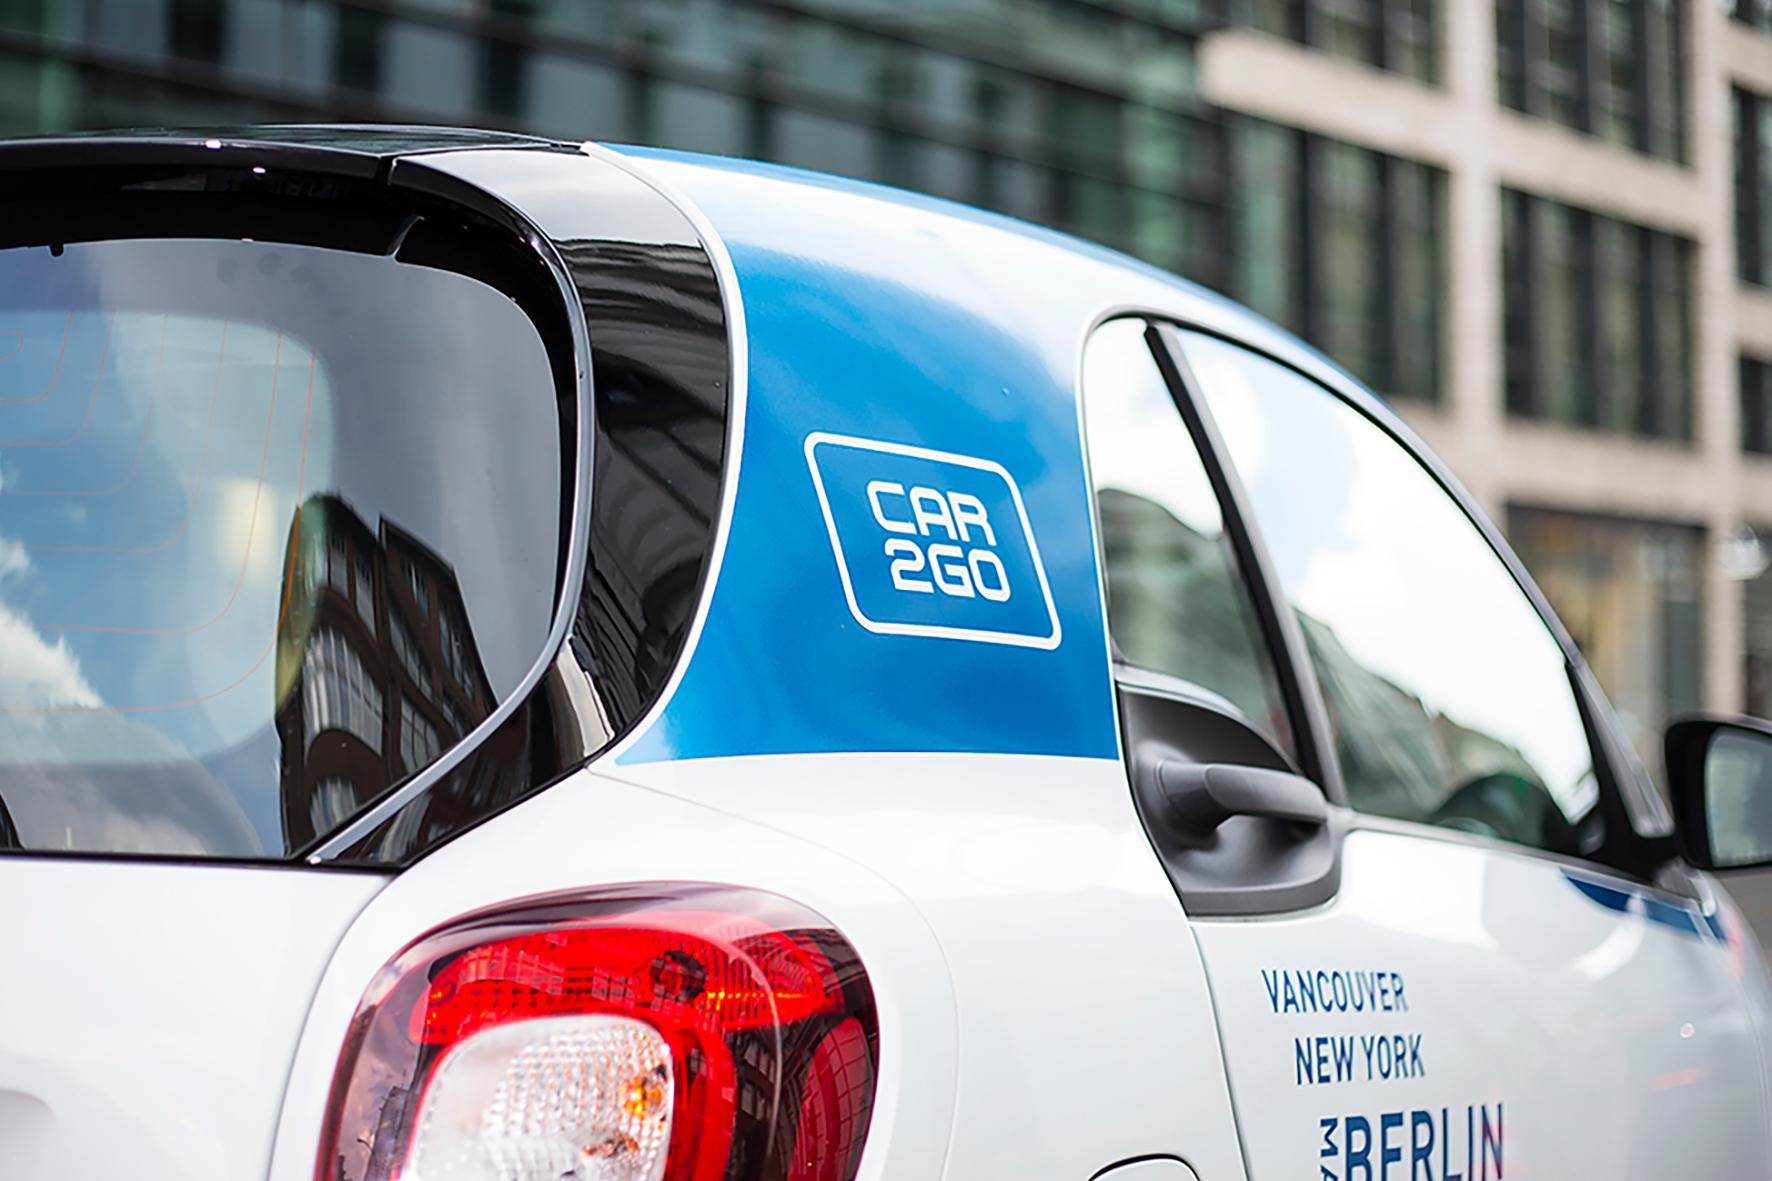 mid Groß-Gerau - car2go profitiert vom boomenden Carsharing-Geschäft. 2,2 Millionen Kunden nutzten im Geschäftsjahr 2017 weltweit das Angebot des Unternehmens.